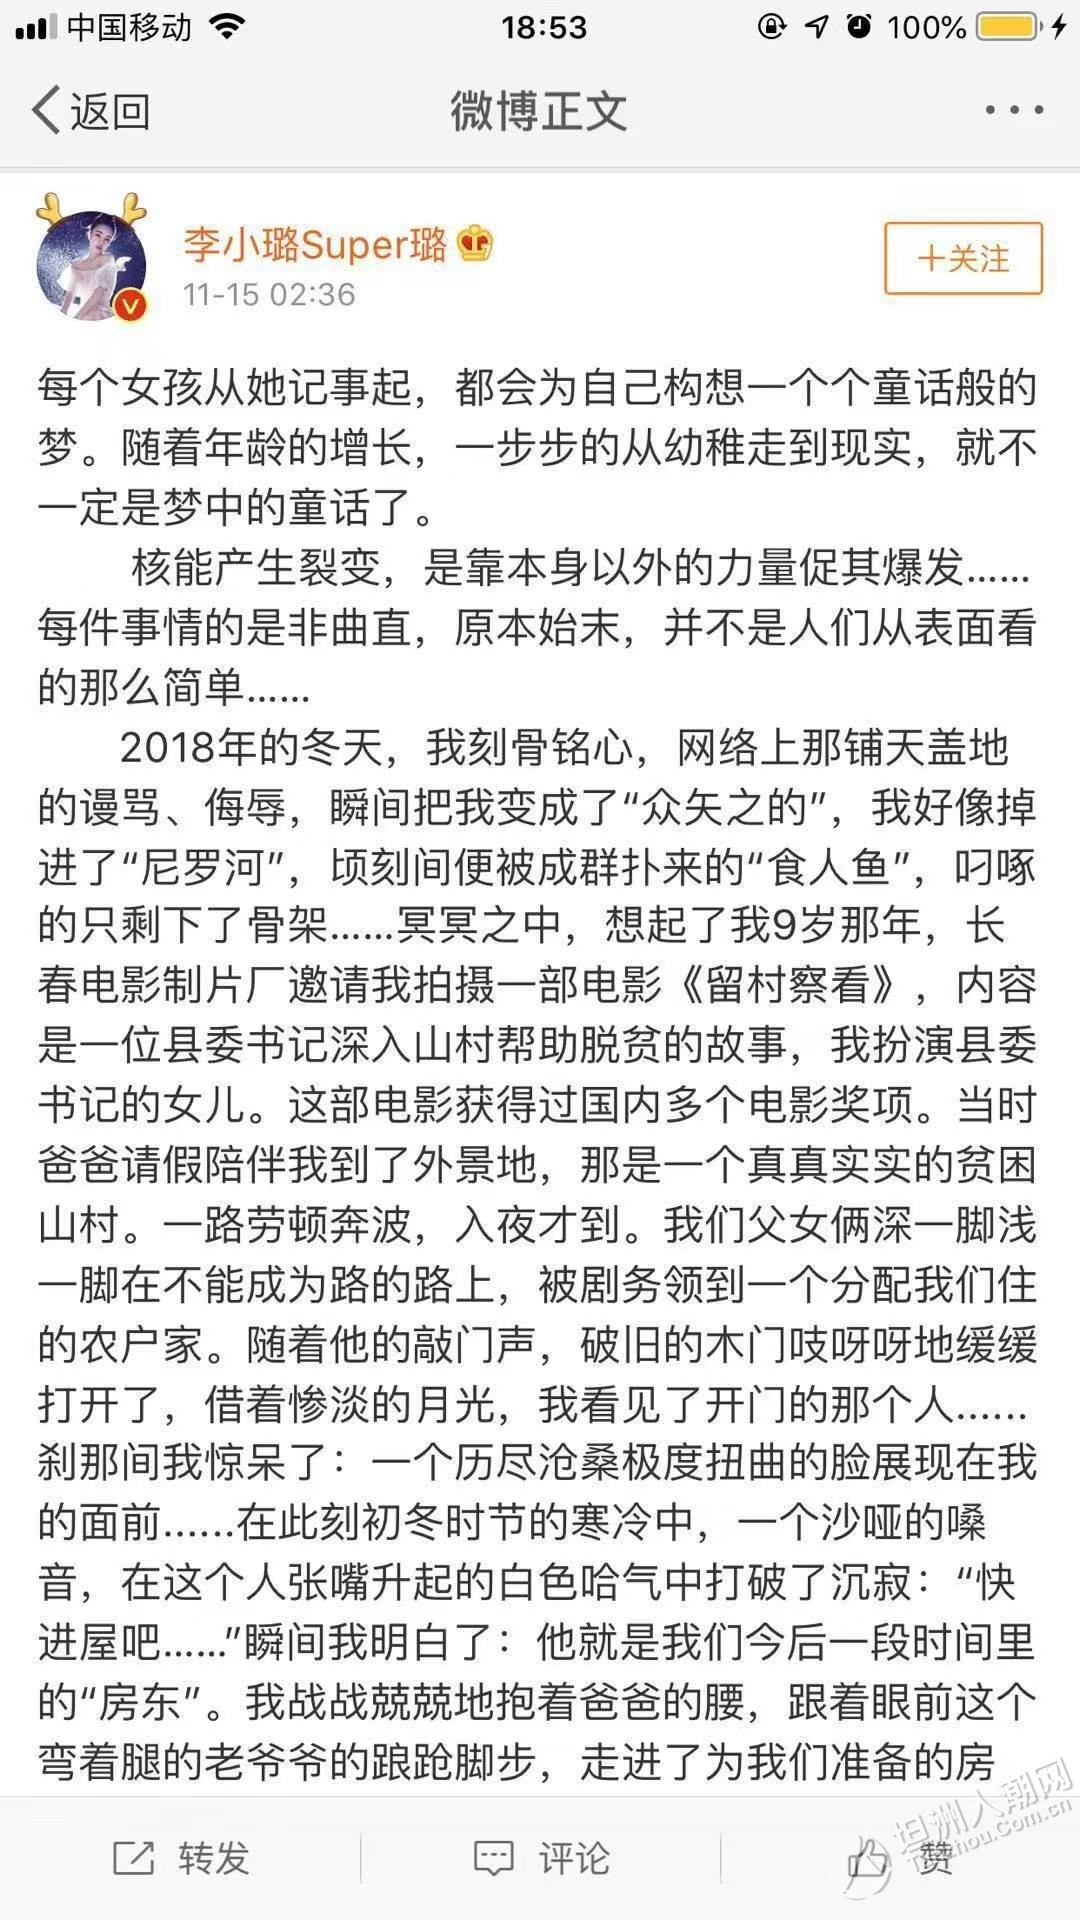 李小璐自爆遭偸拍威胁,离婚后首发声:我不是完人